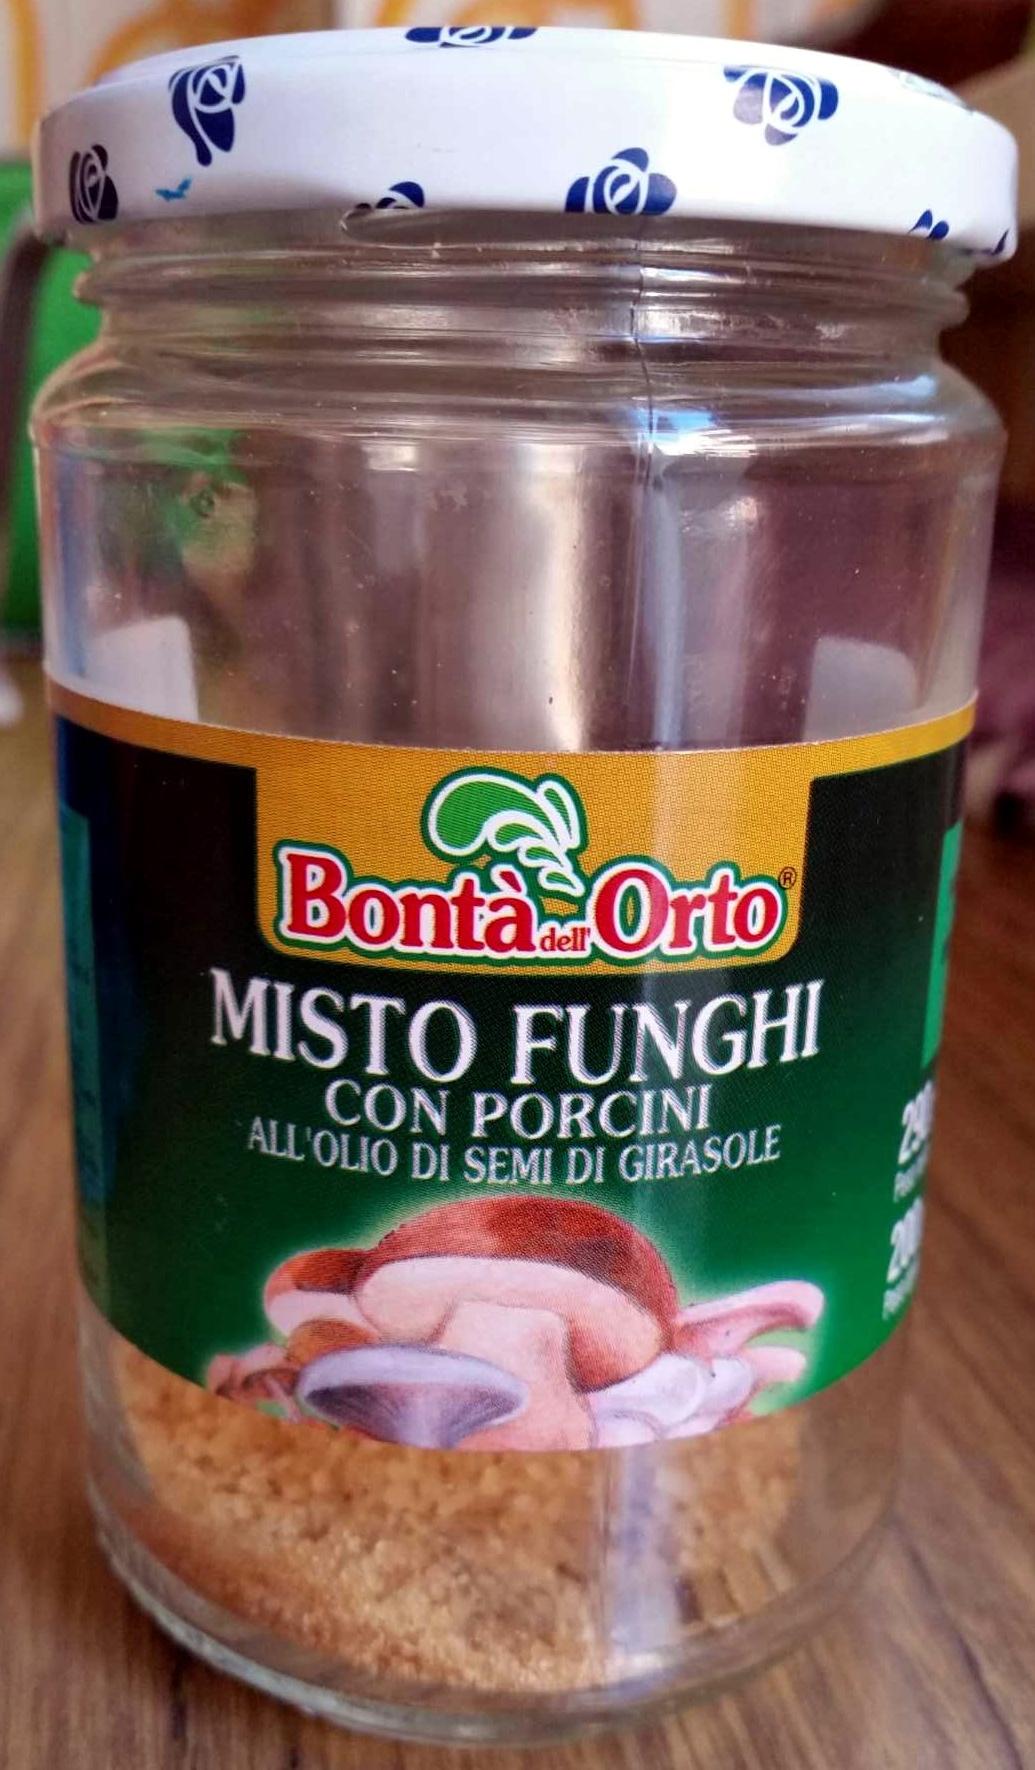 Bonta' dell'Orto Misto funghi con porcini all'olio di semi di girasole - Prodotto